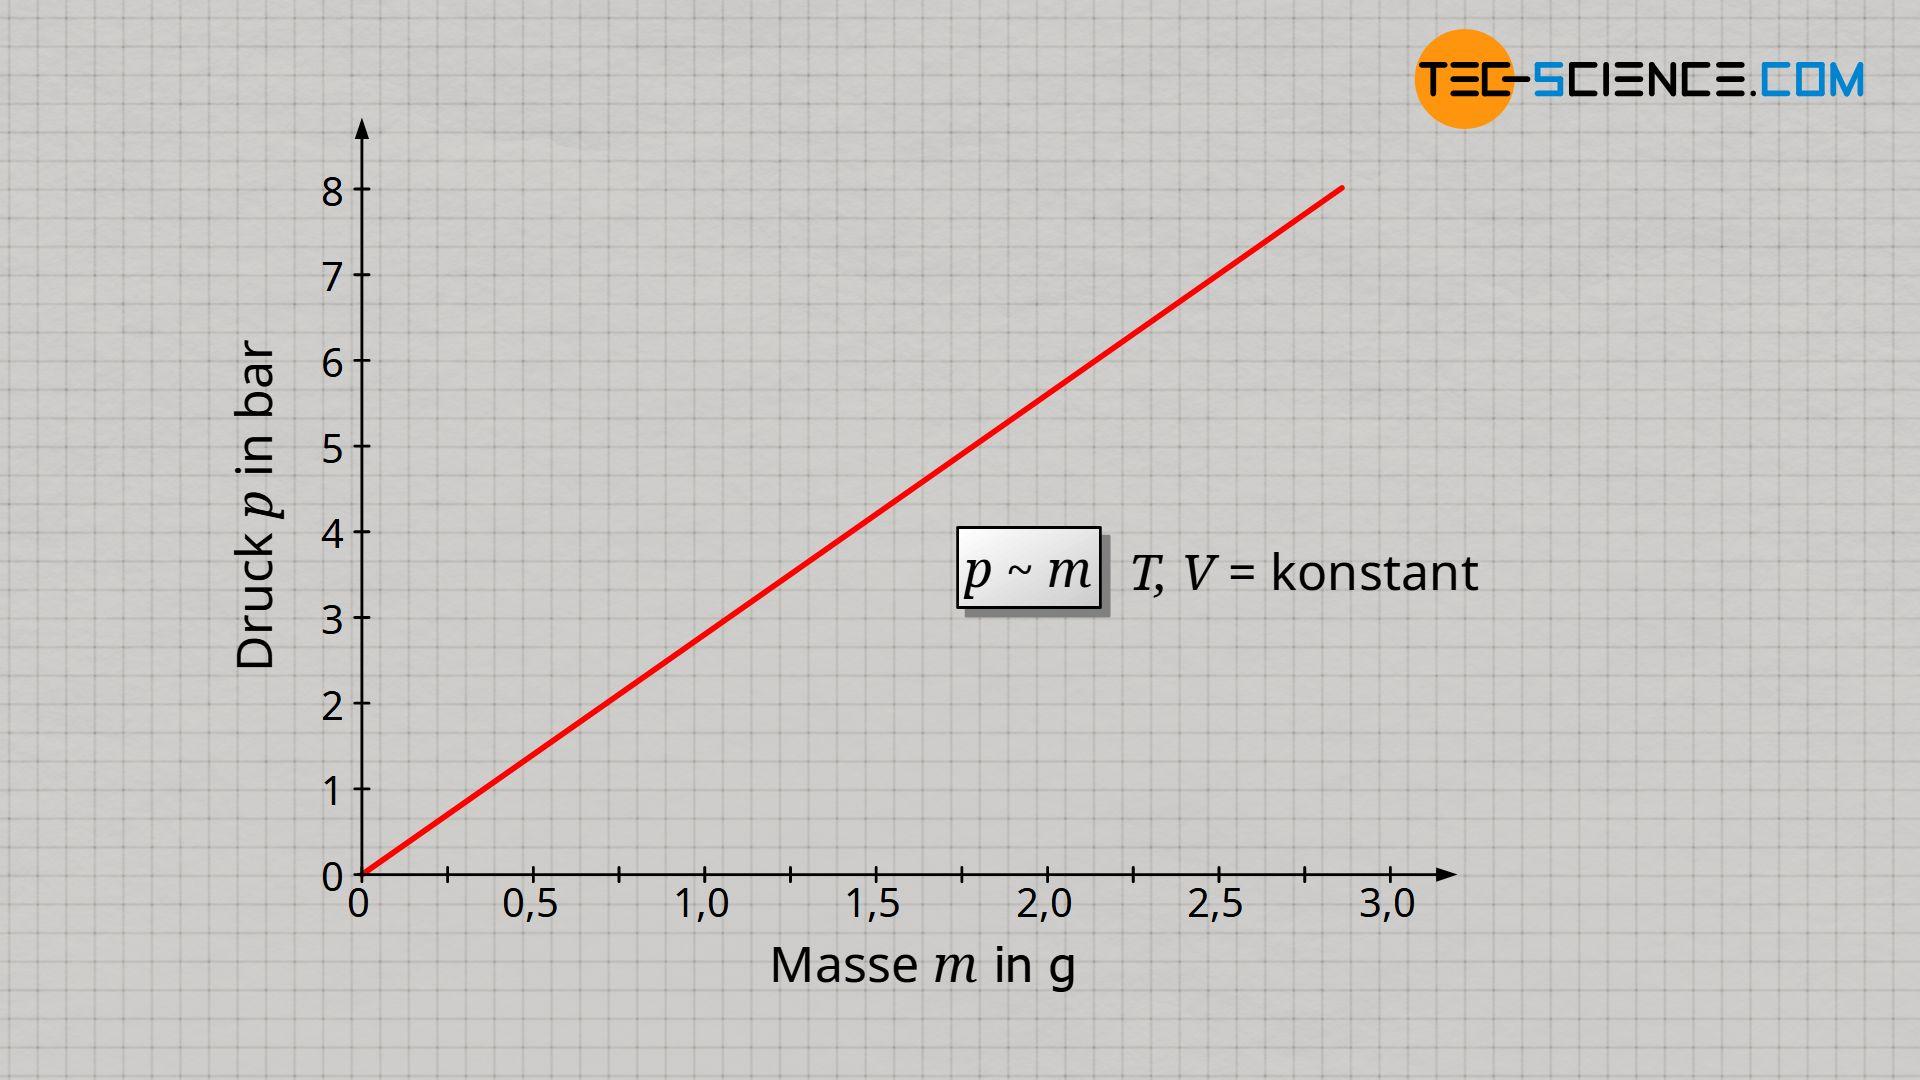 Proportionaler Zusammenhang zwischen Druck und Masse bei konstanter Temperatur und konstantem Volumen